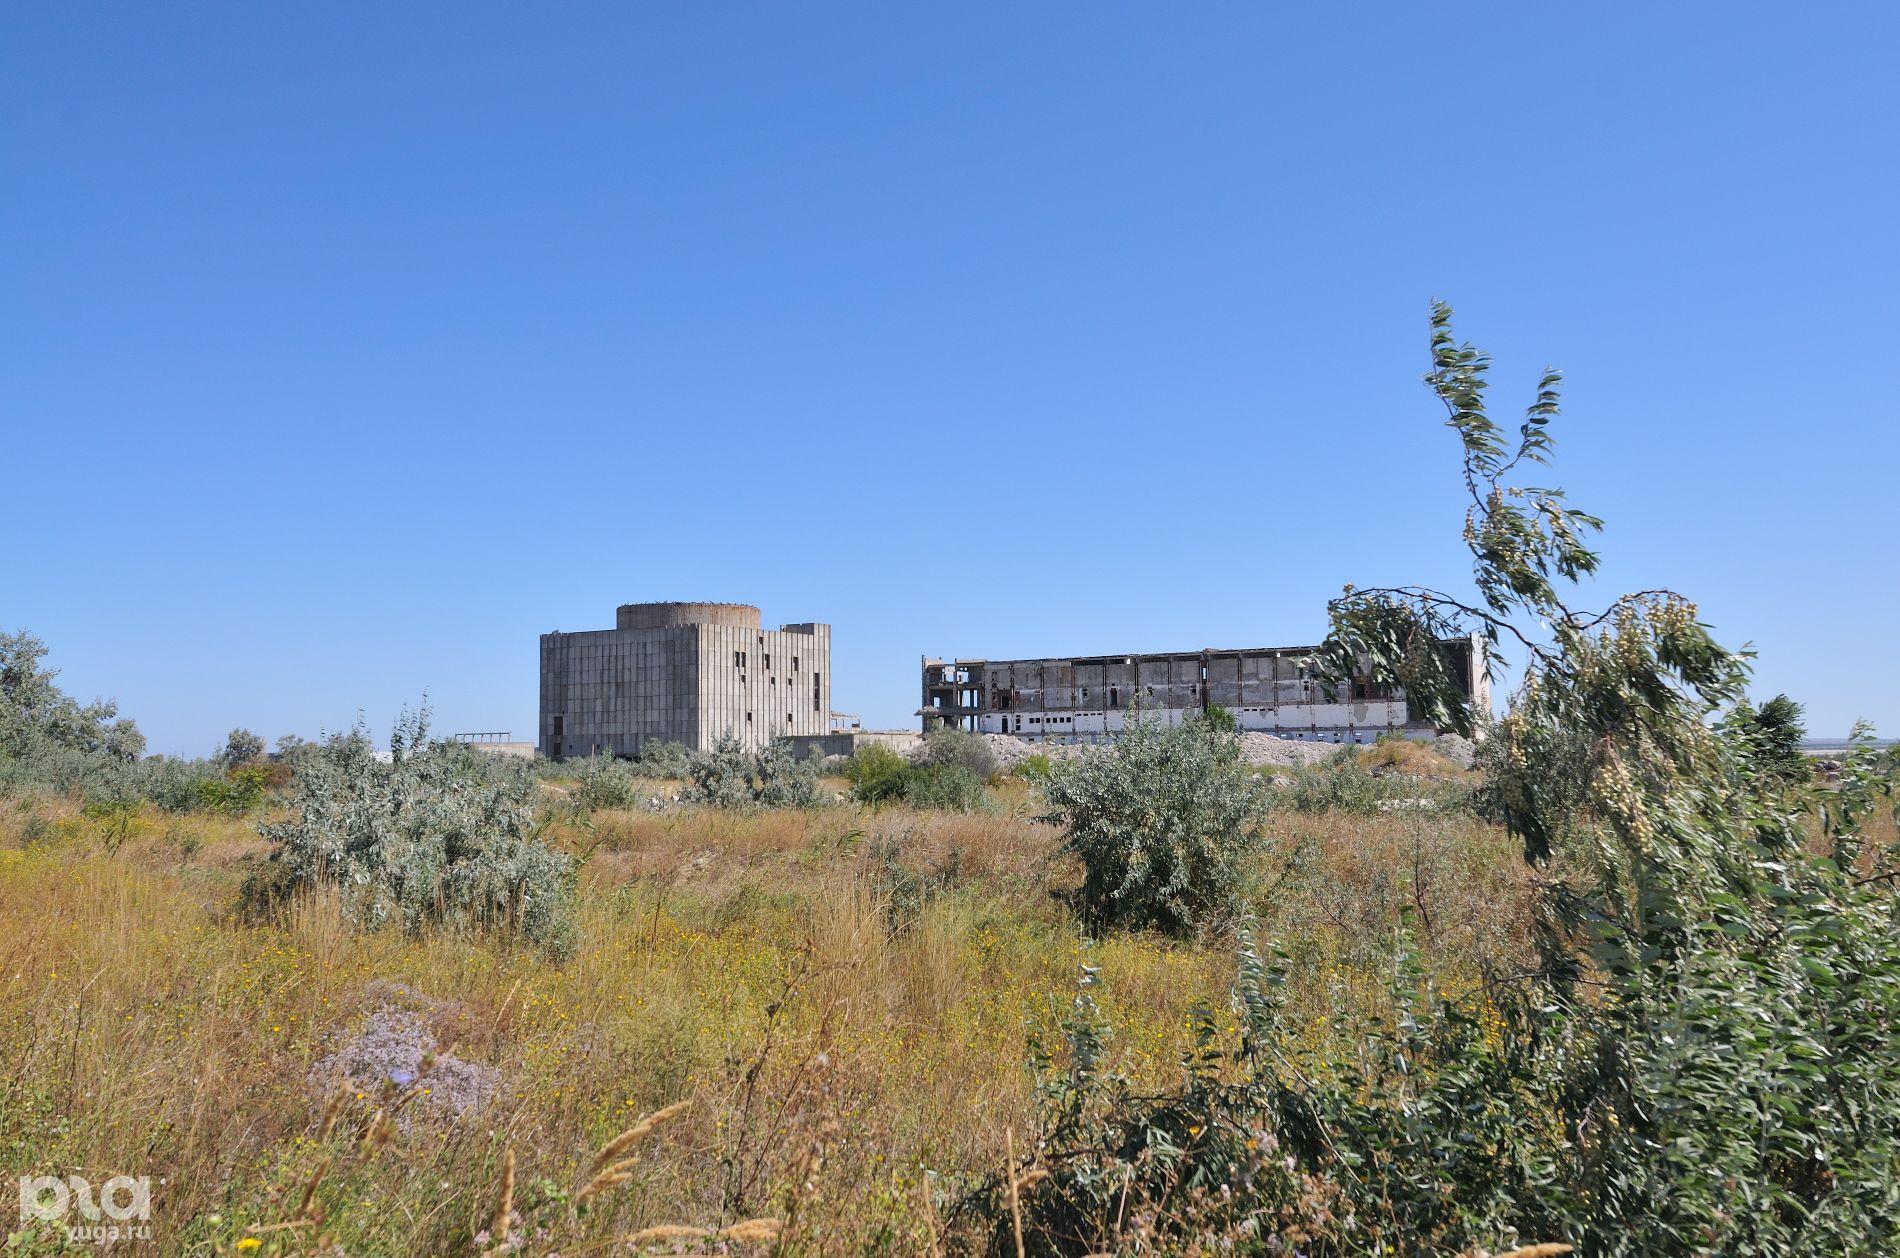 Город появился вокруг Крымской АЭС, теперь от нее остались только развалины ©Фото Кирилла Достова, Юга.ру